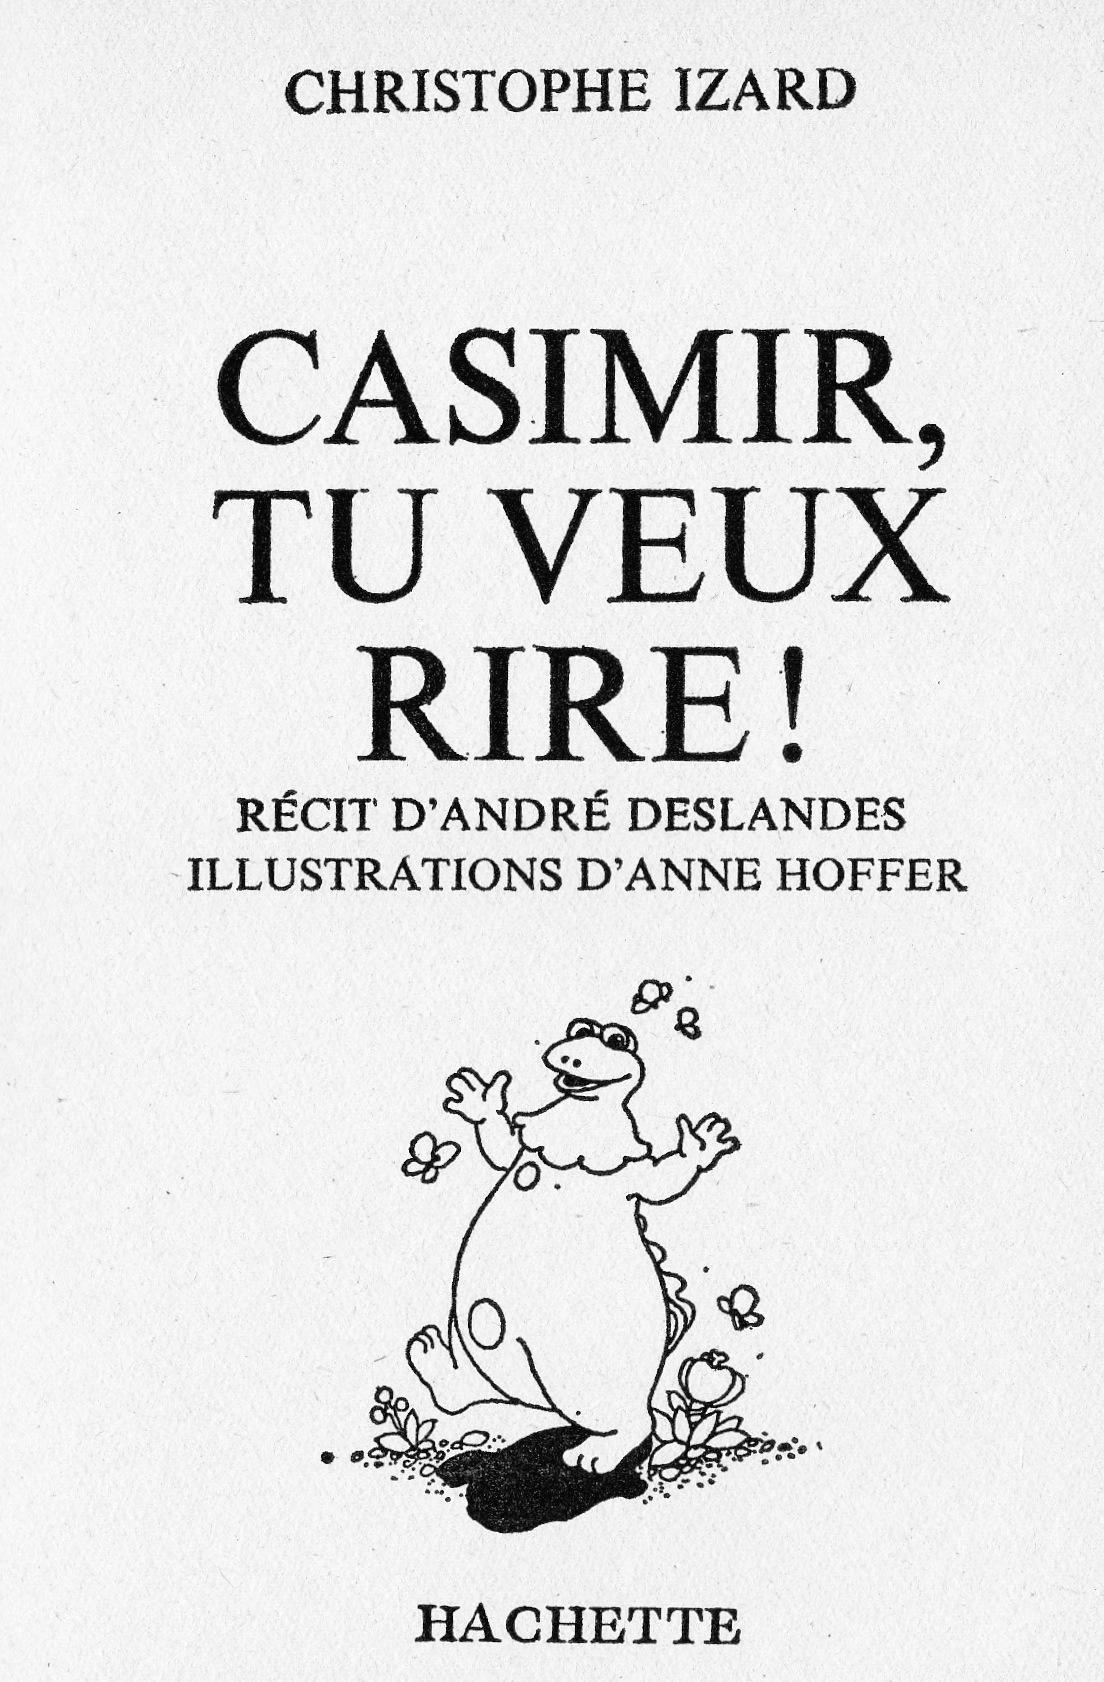 http://grenierdelatv.free.fr/casimirtuveuxrire02.jpg